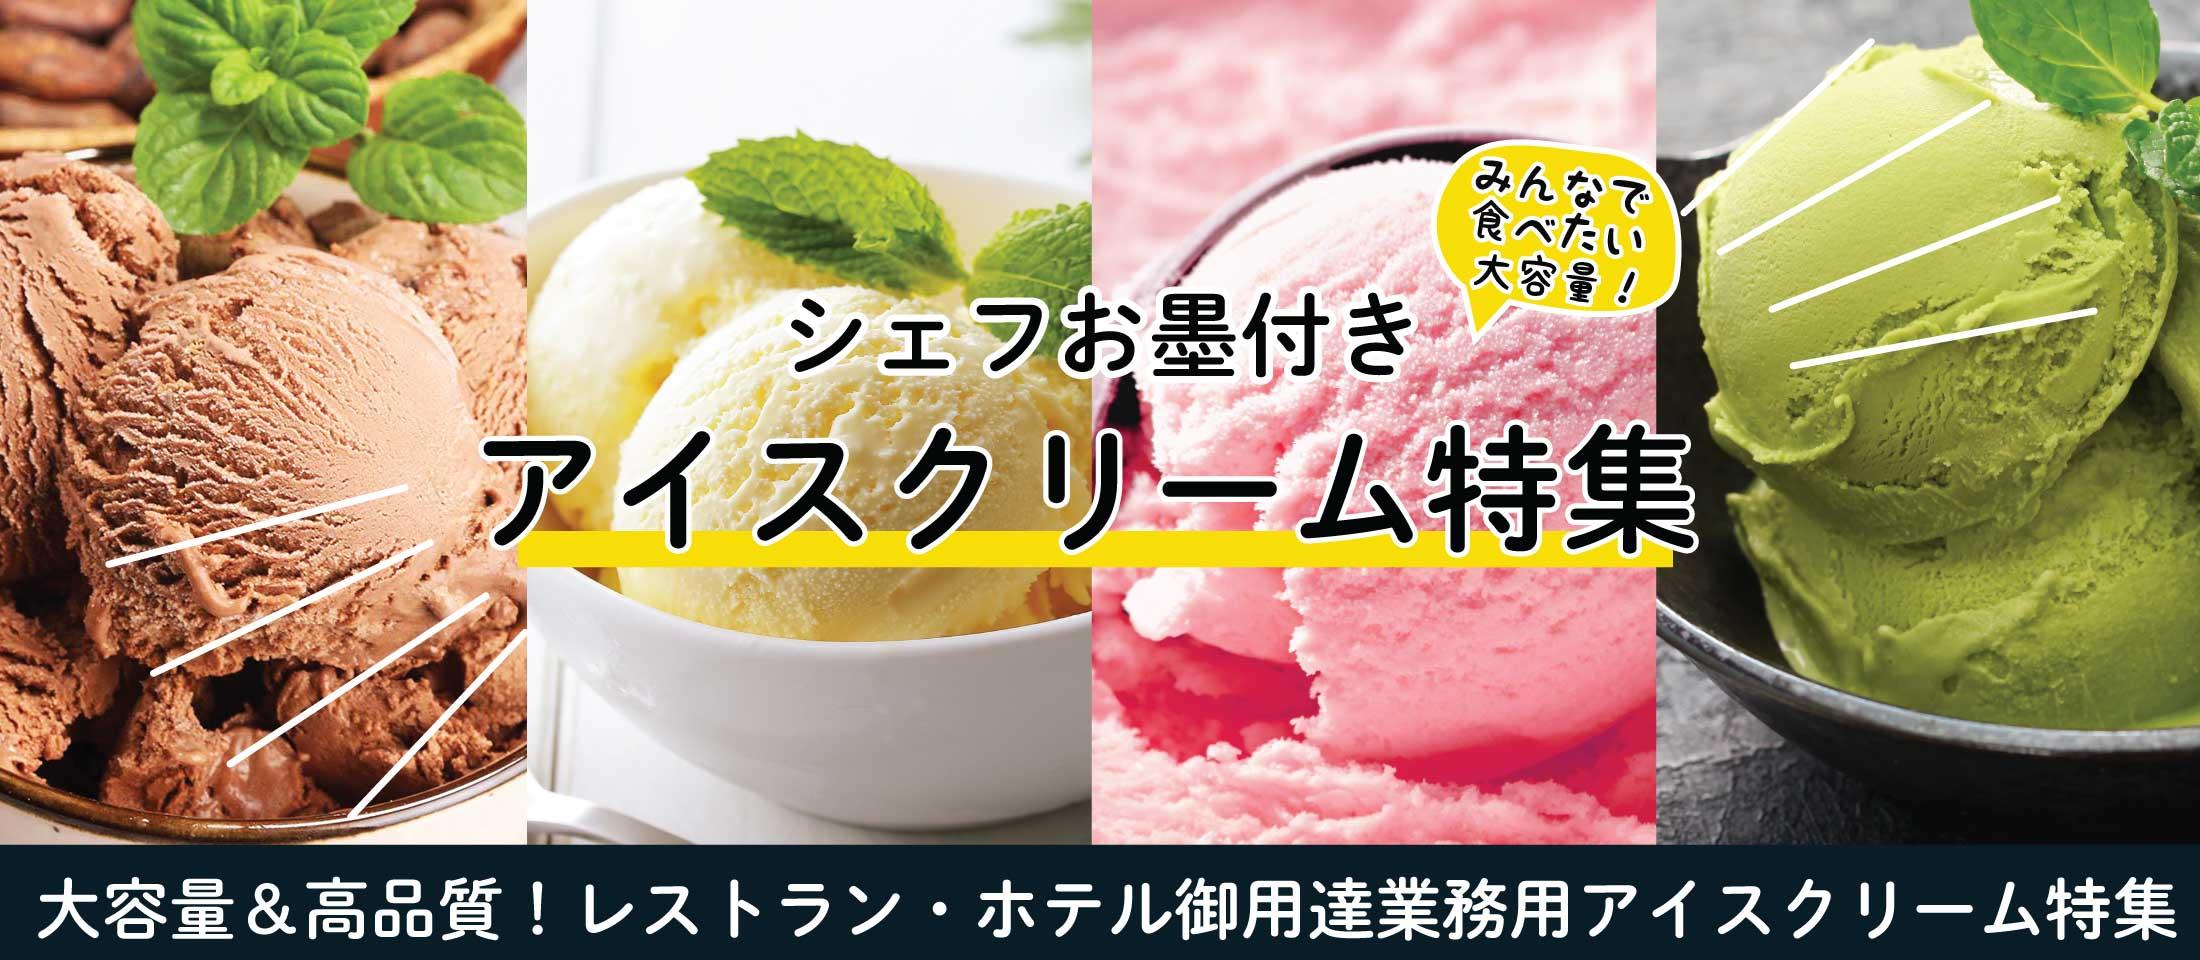 家族みんなで食べたい業務用 お得なアイスクリーム特集 業務用食品・冷凍食品おすすめ 業務用食品・冷凍食品の通販 |ナカヤマフーズ